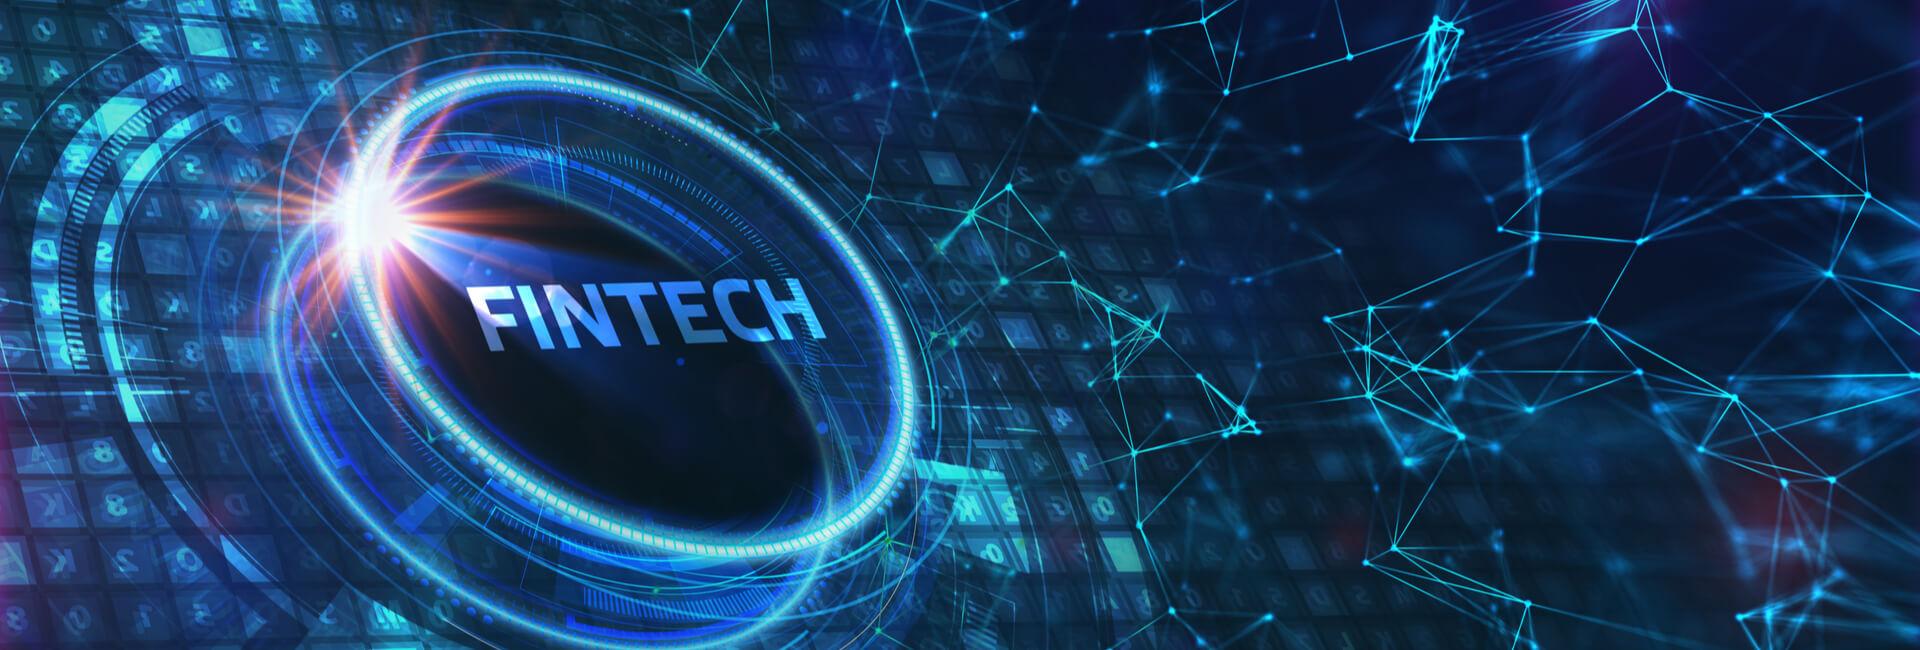 Fintech in Italia: trend e sfide tecnologiche 2021